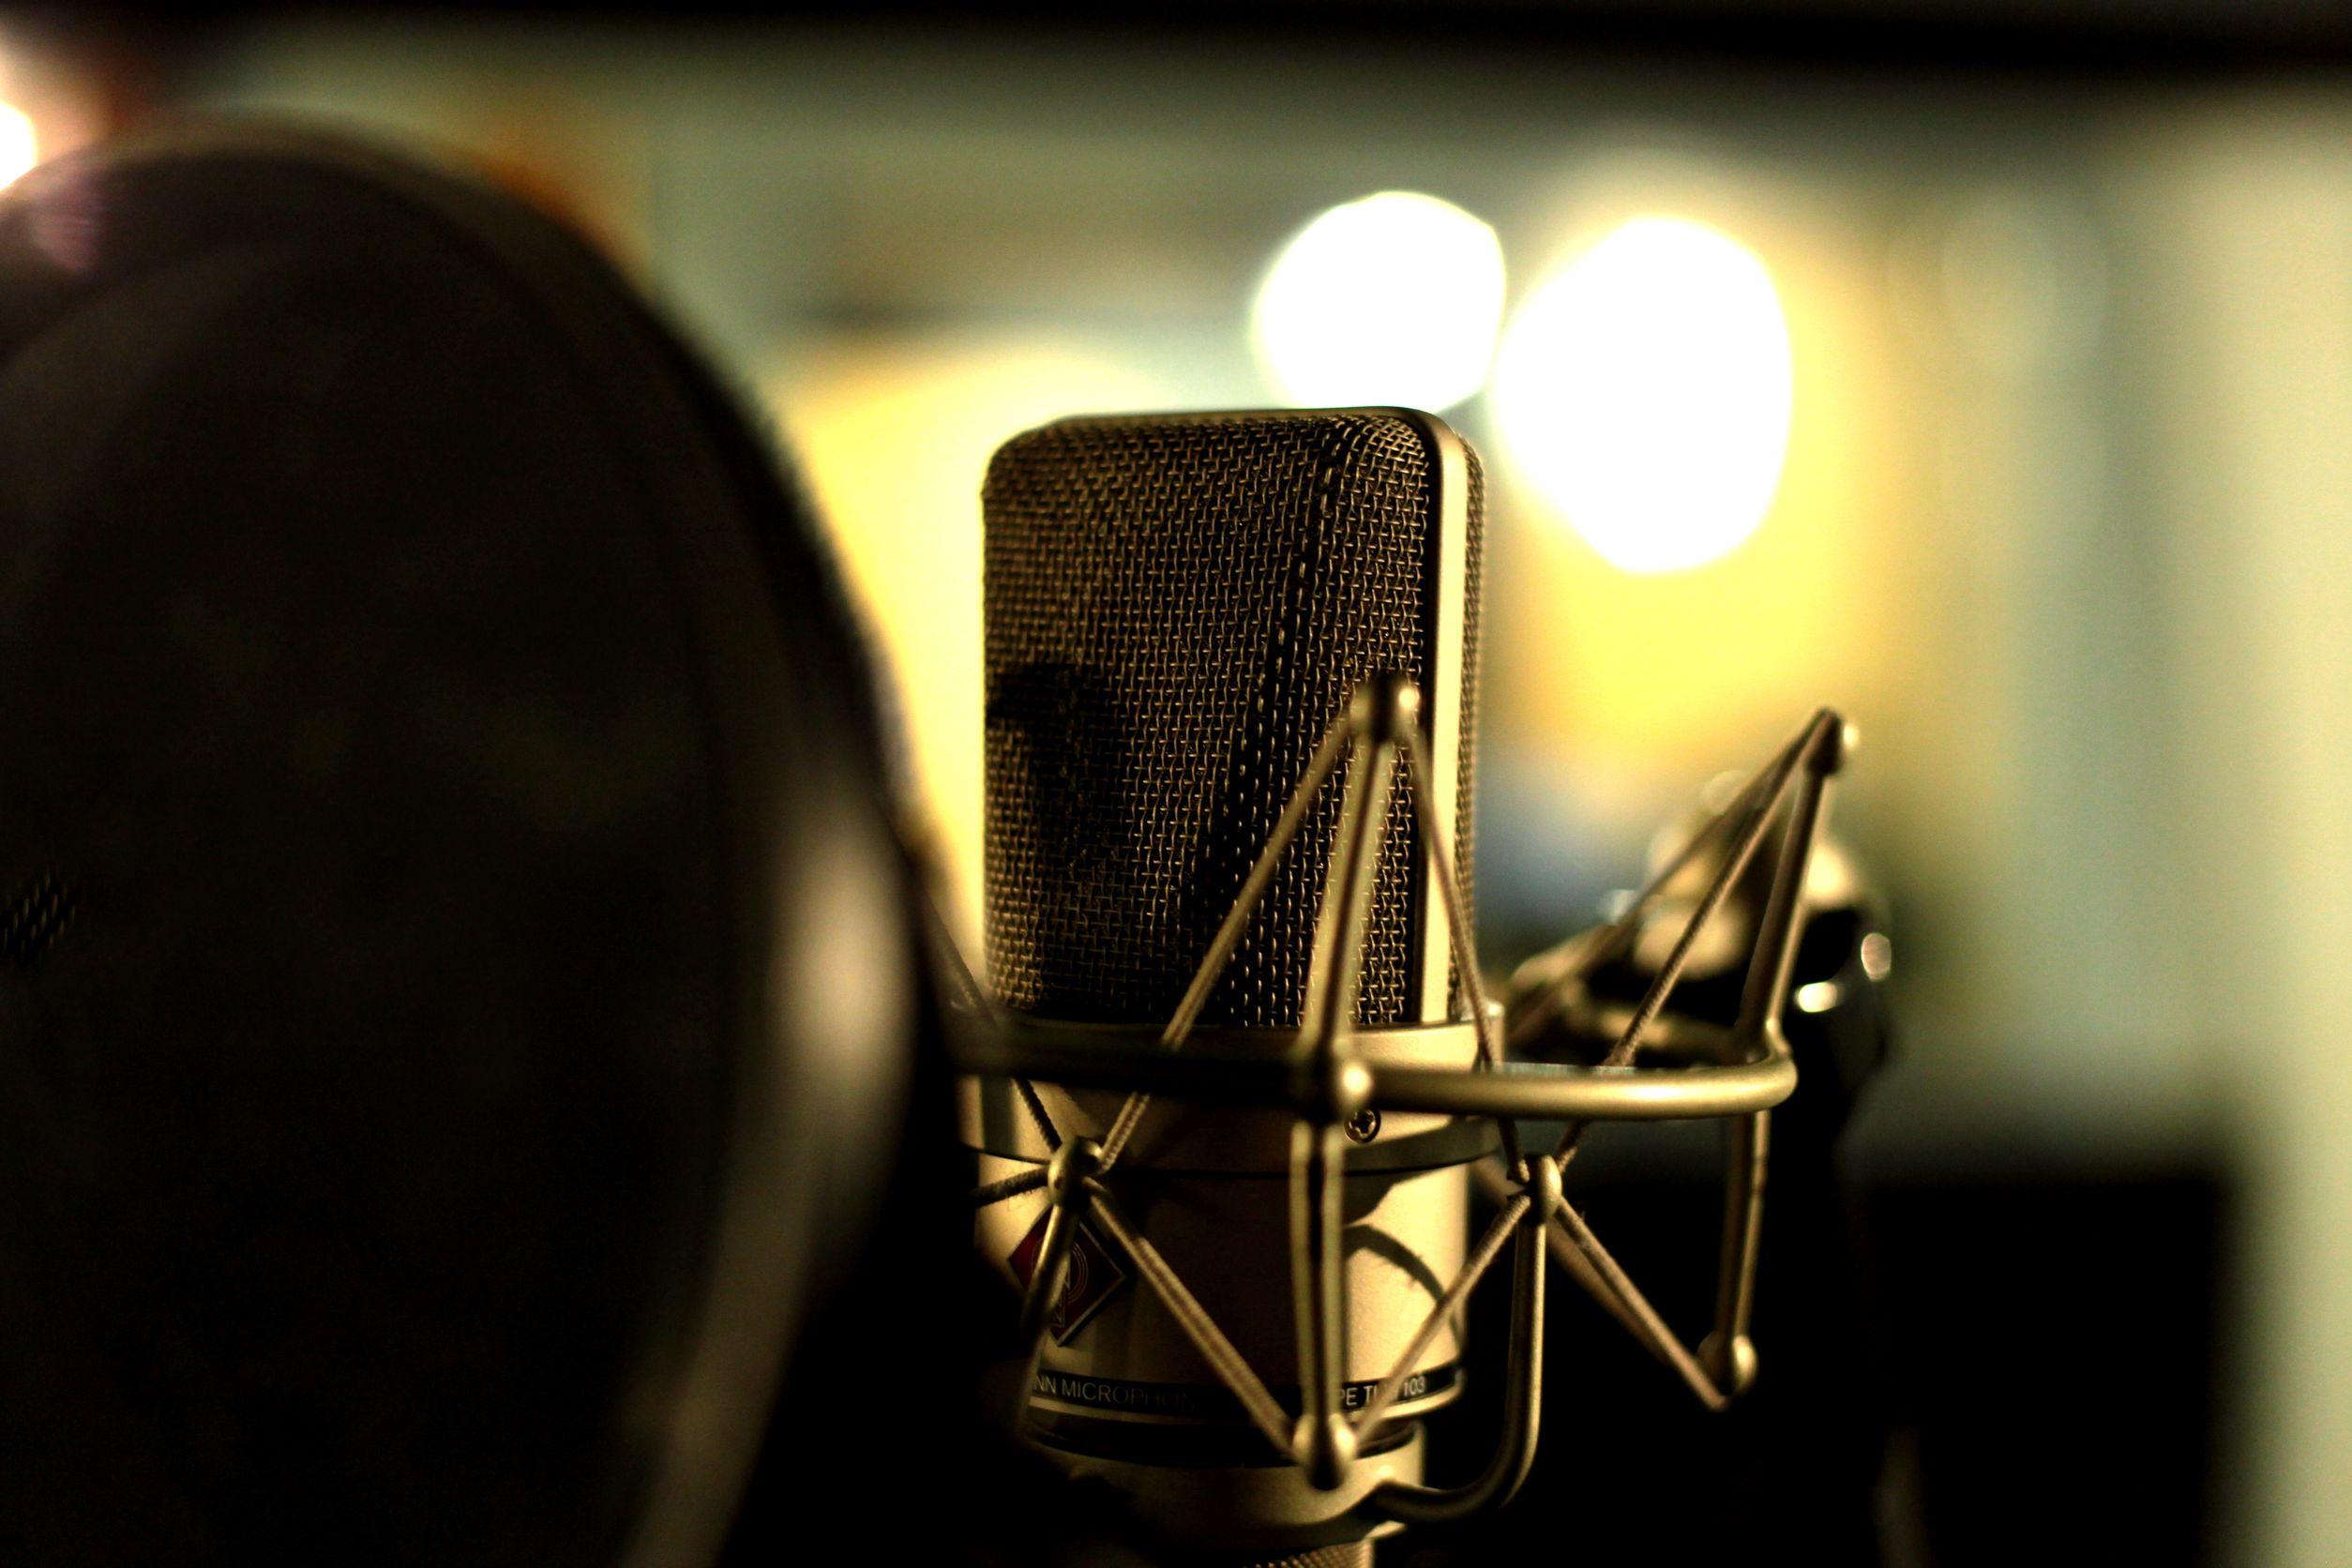 microfone condensador em um estúdio de gravação